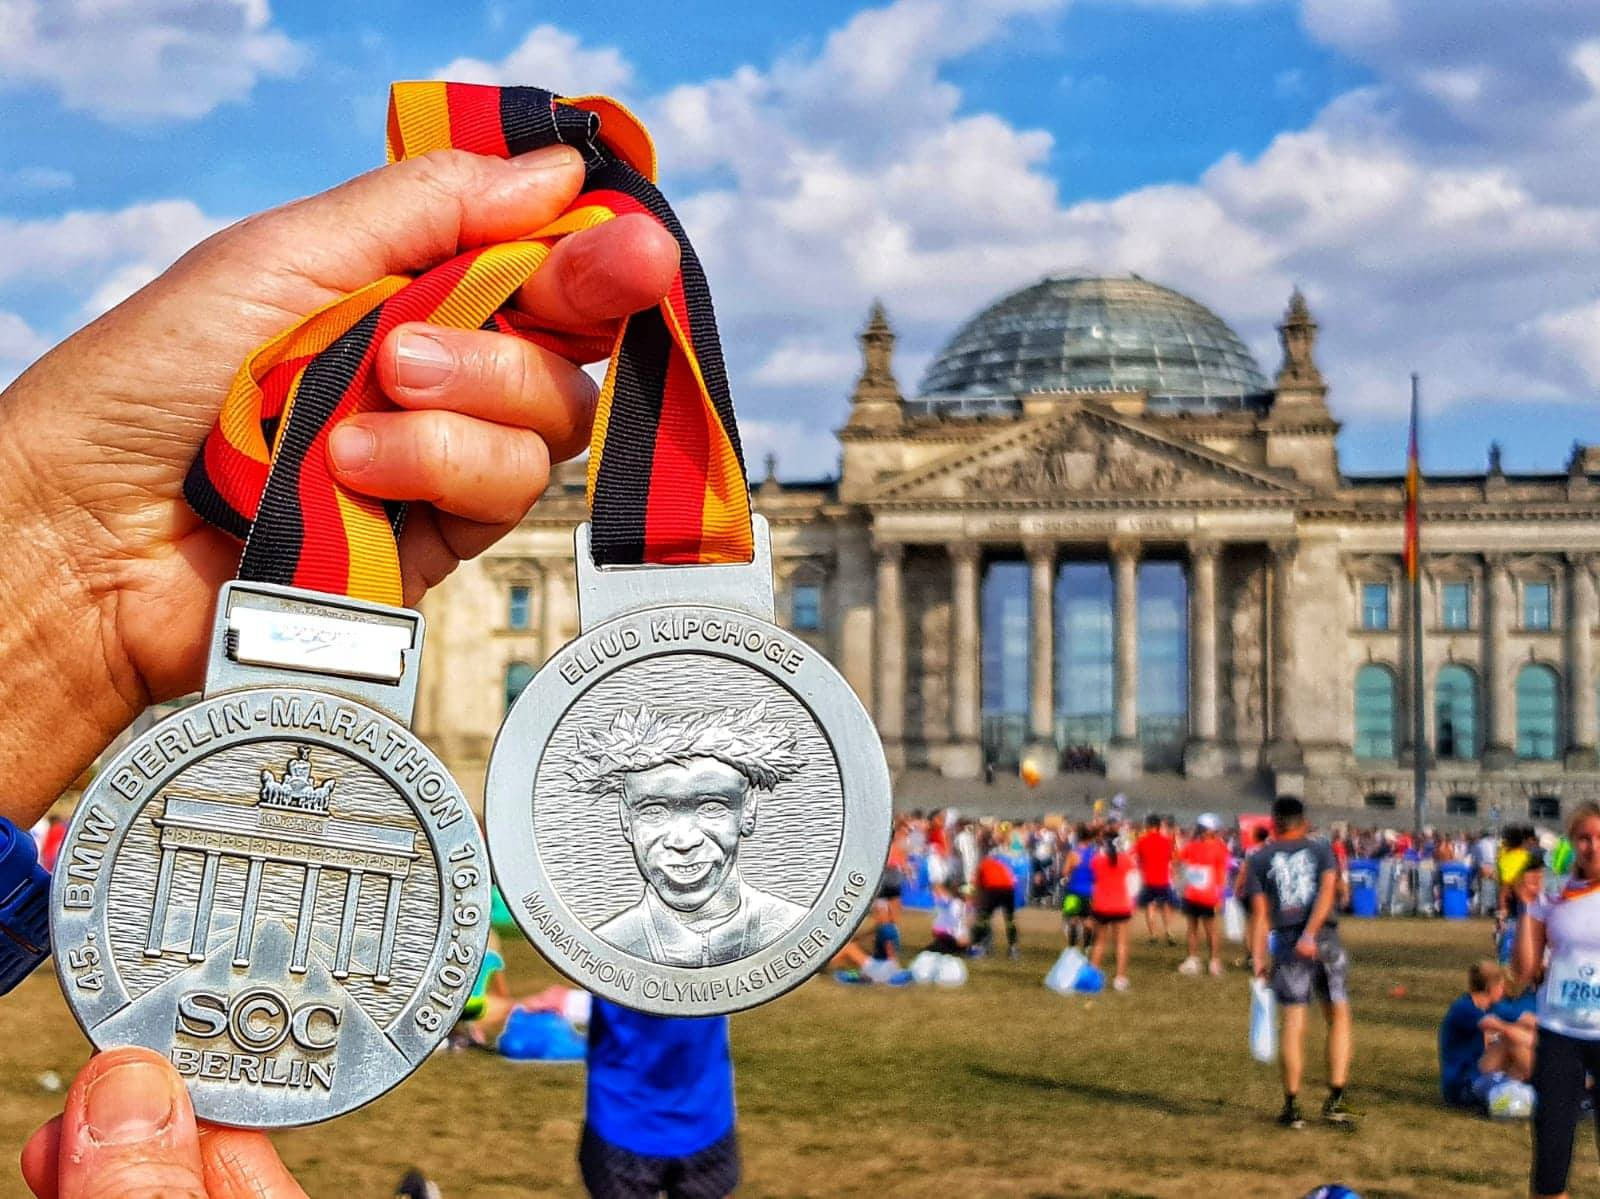 recensione maratona di berlino runtrip correre oltre asd